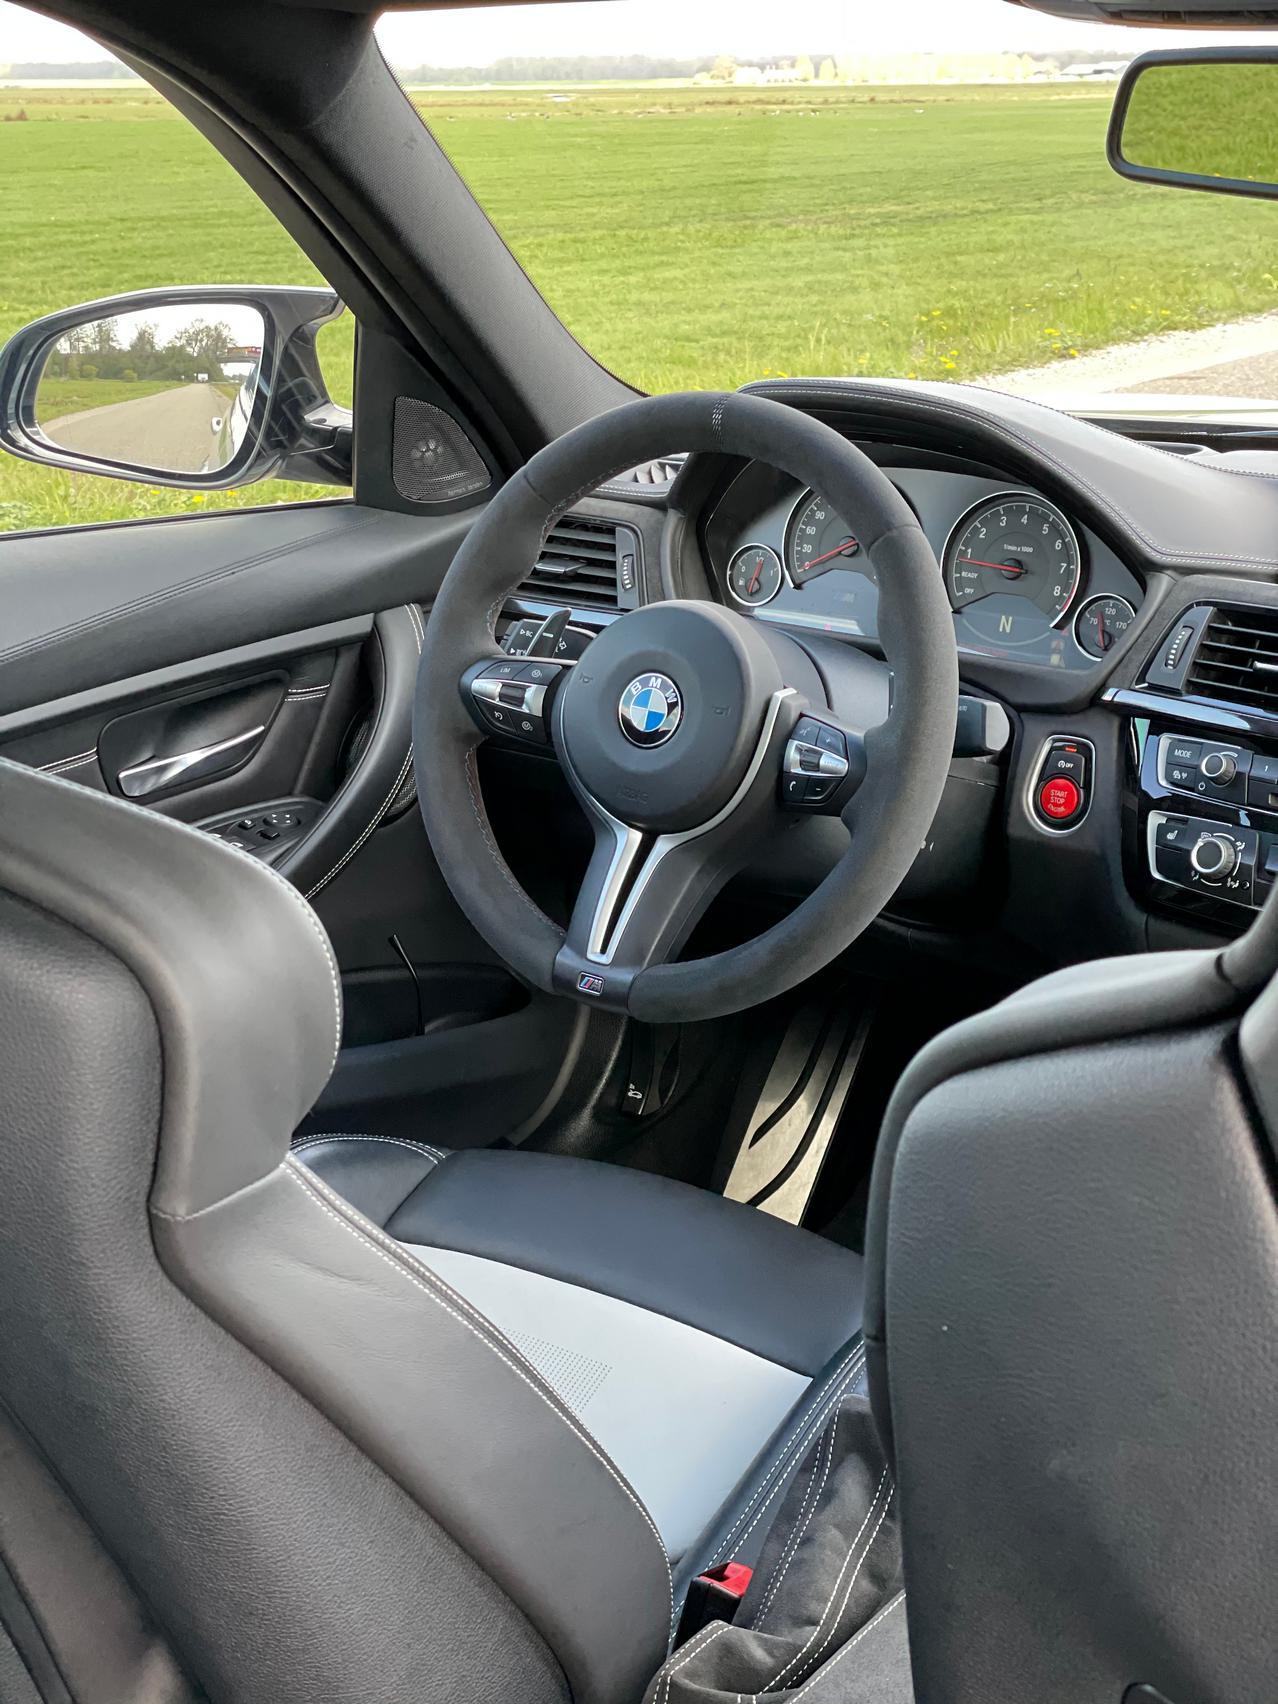 BMW M3 CS steering wheel